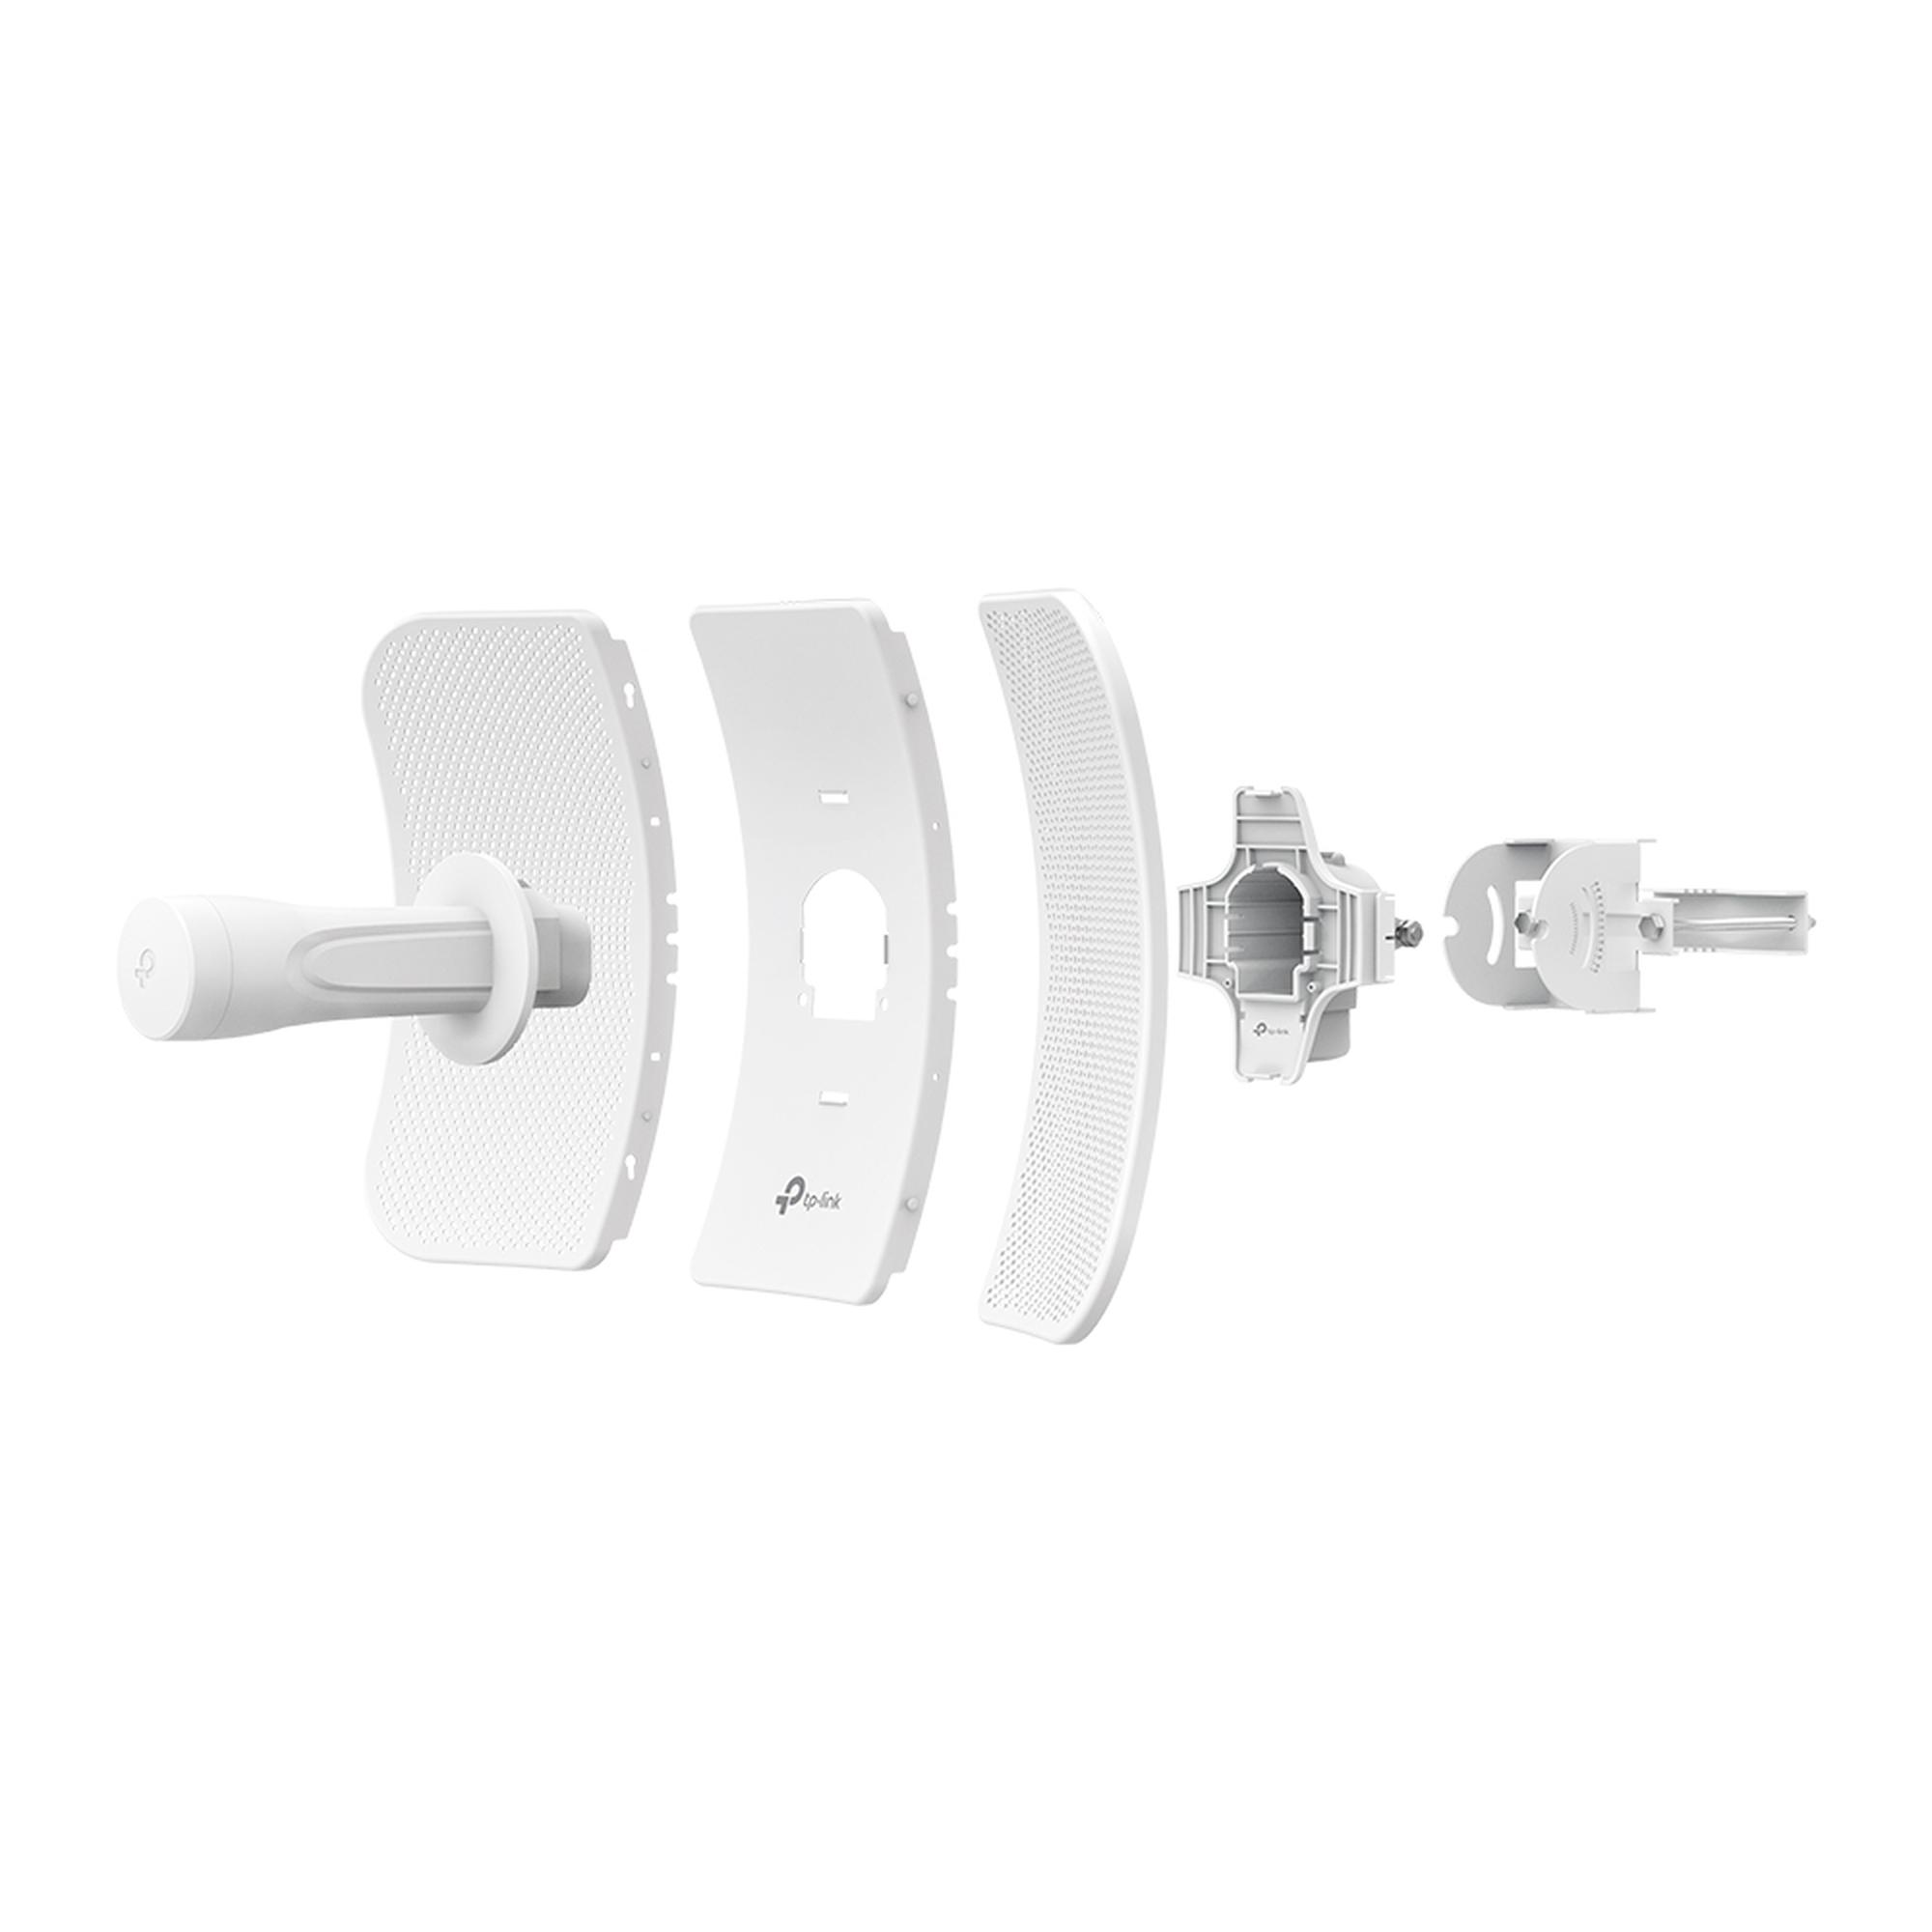 CPE de Exterior de 5 GHz a 300Mbps, Antena direccional de 23dBi, potencia de 29 dBm, PoE pasivo